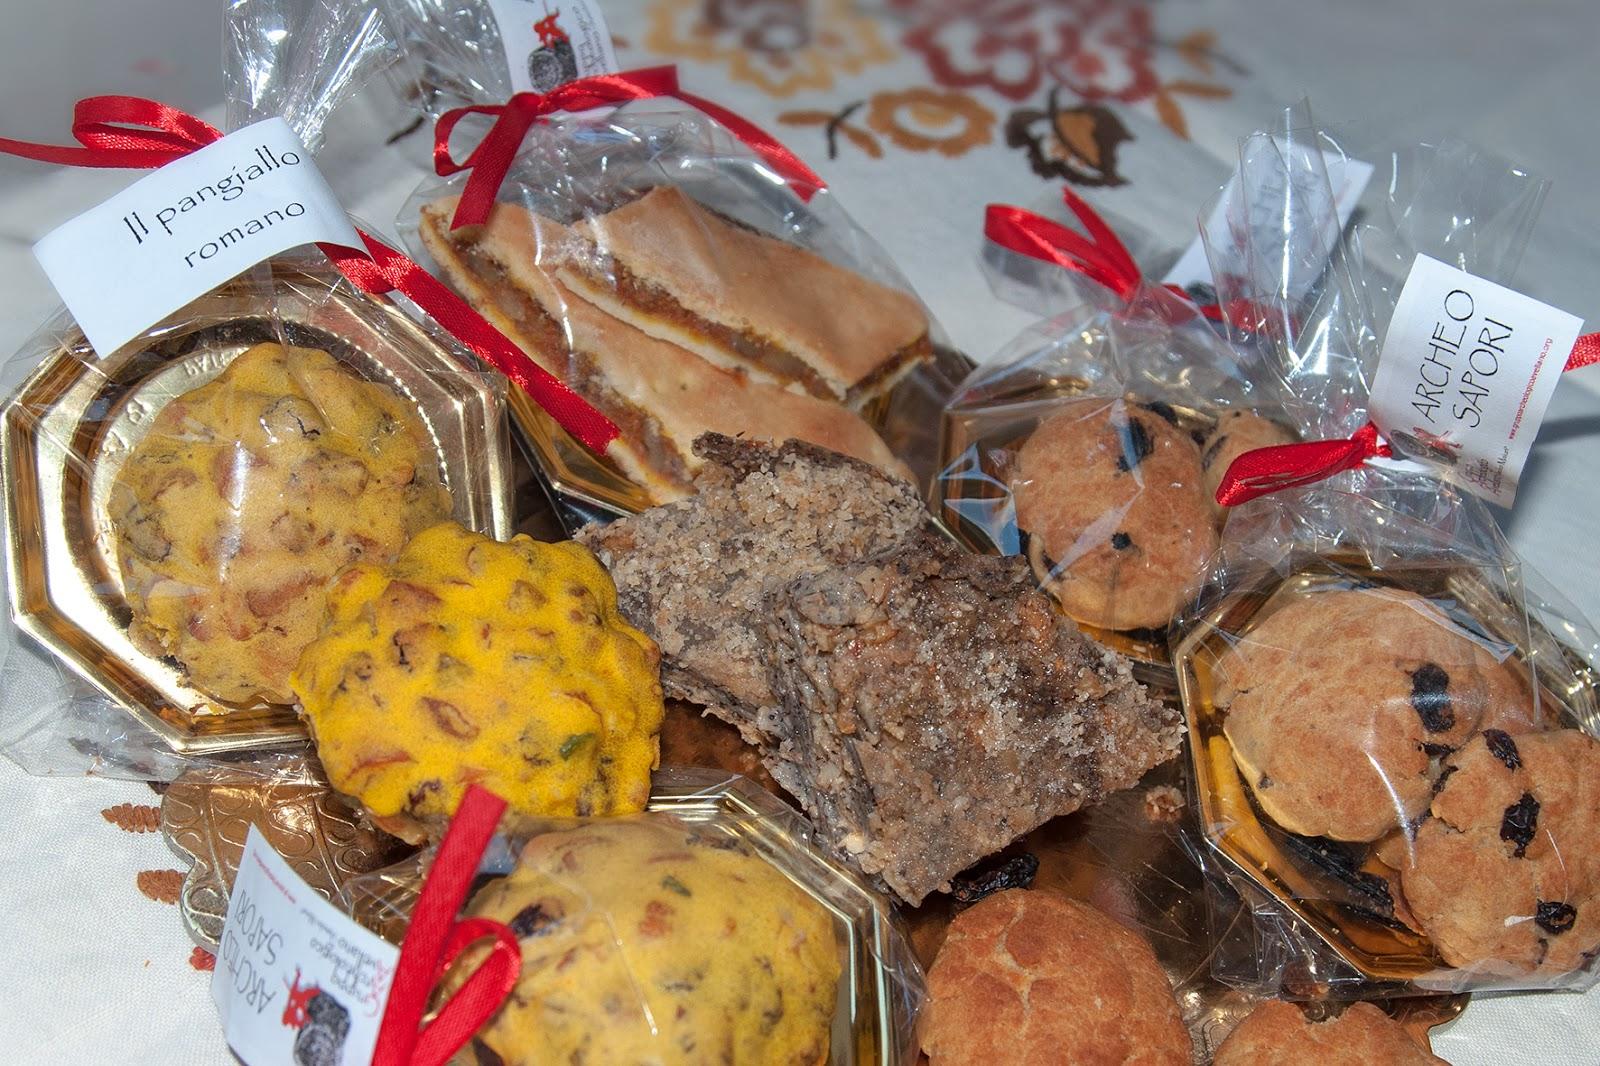 Pangiallo romano e lasagne etrusche ad avella l for Dolci romani